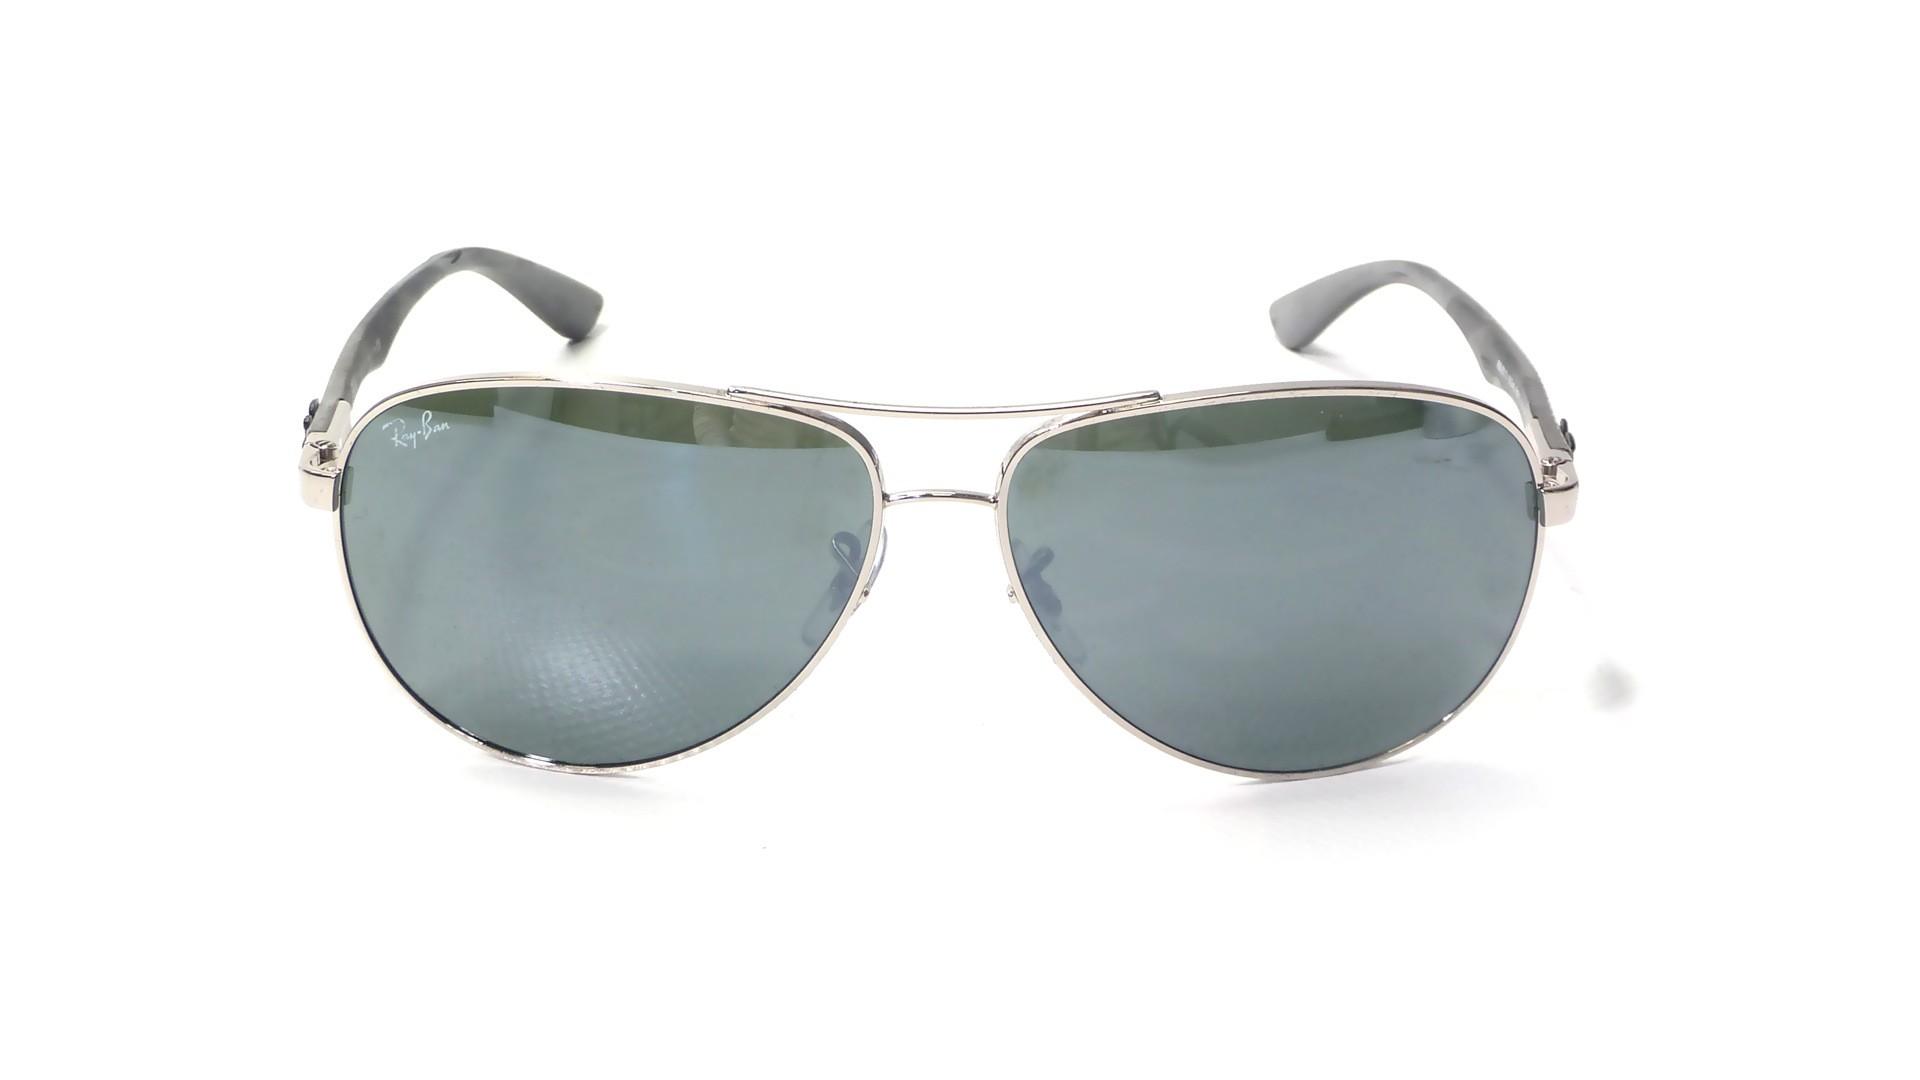 9a4d00fd9df Ray Ban Glasses Rx8406 Carbon Fibre « Heritage Malta